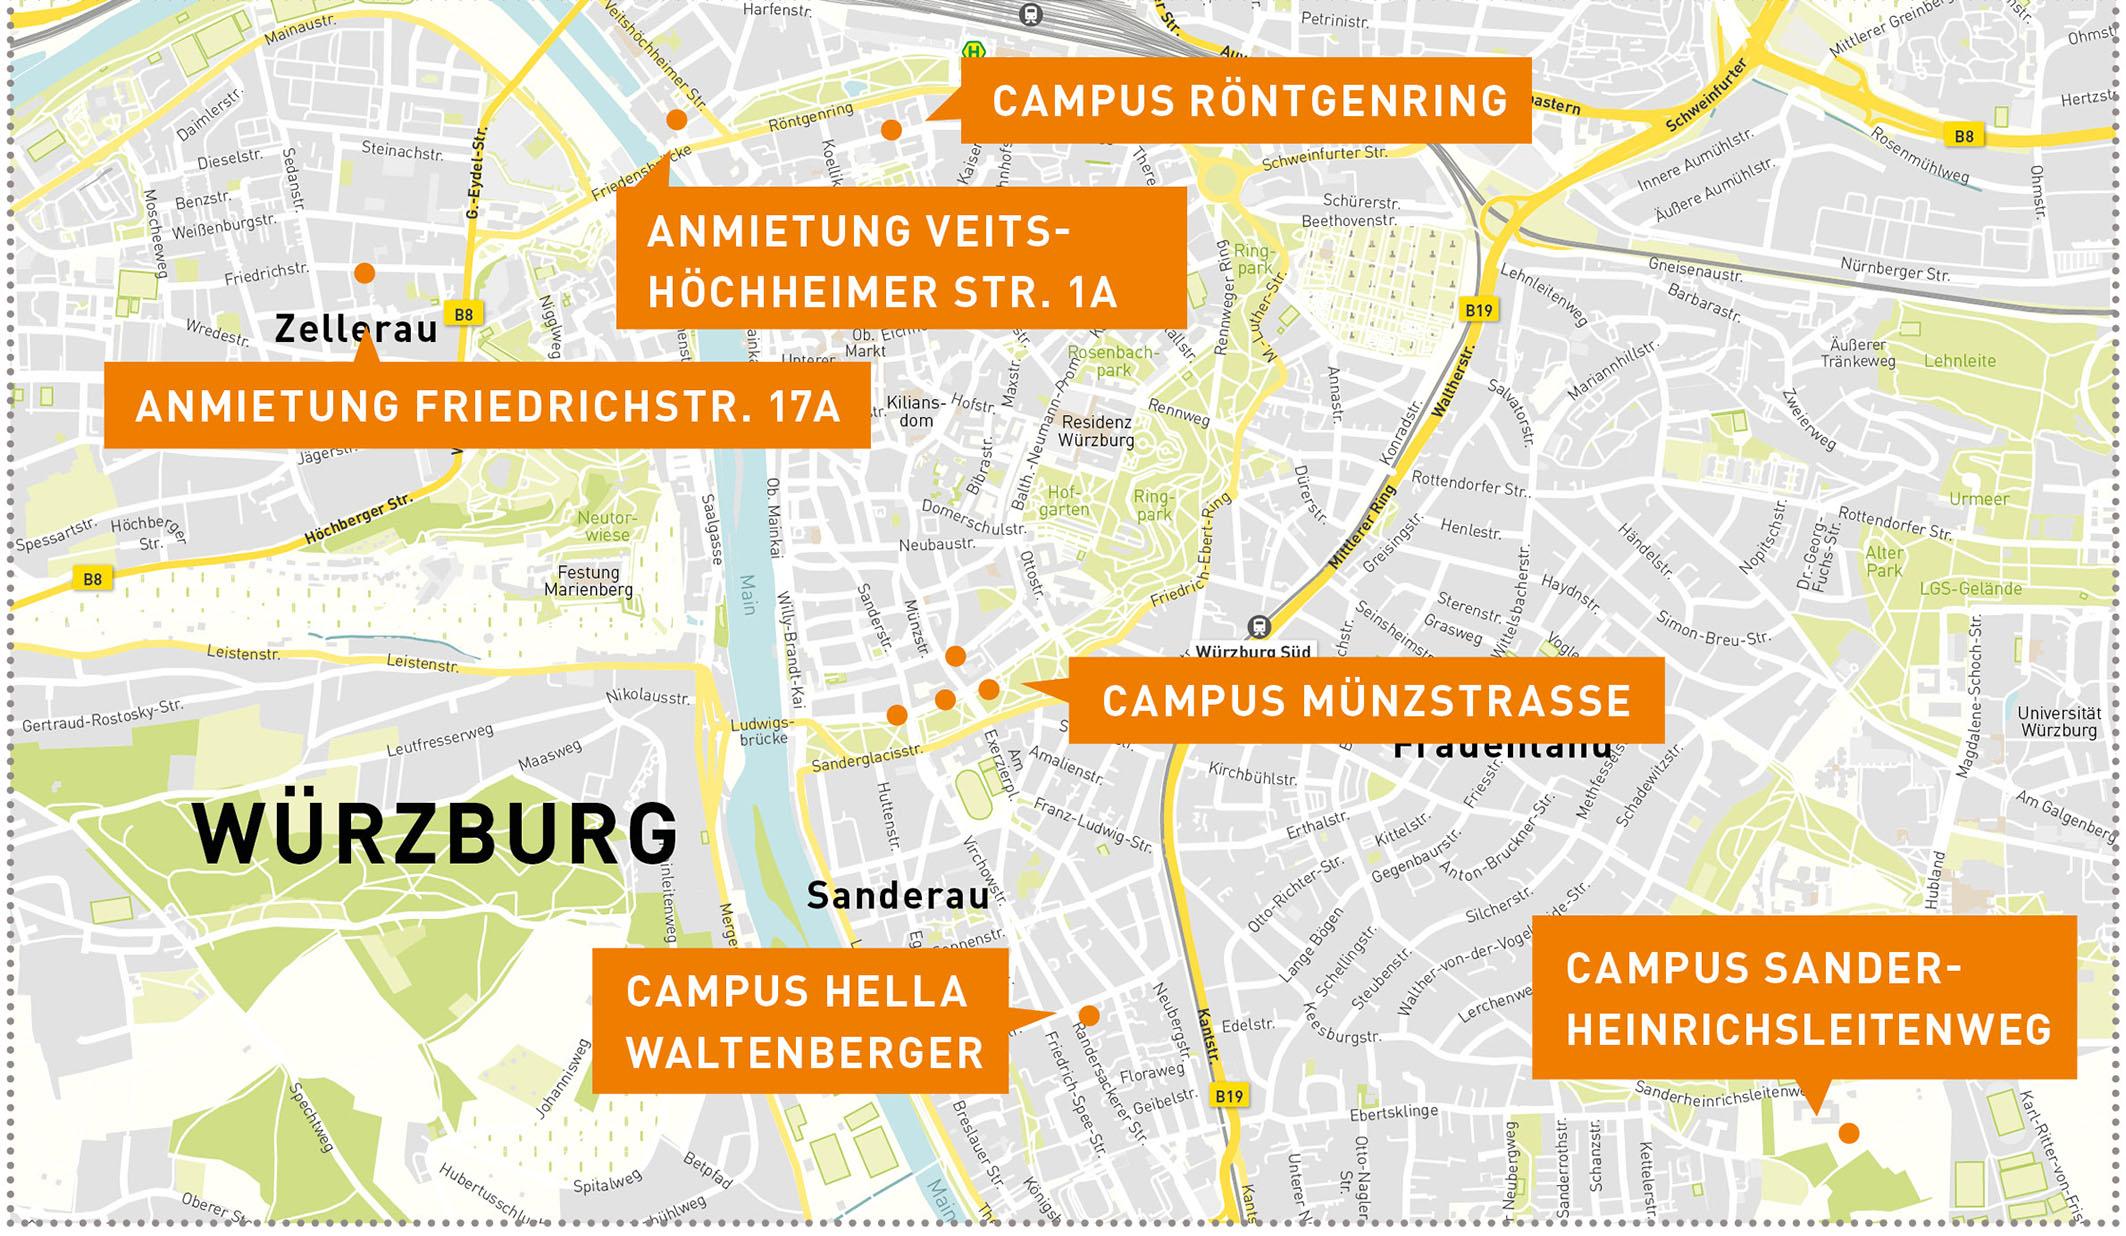 Die Übersicht über den Campus am Hochschulstandort in Würzburg. Grafik: Simplymaps